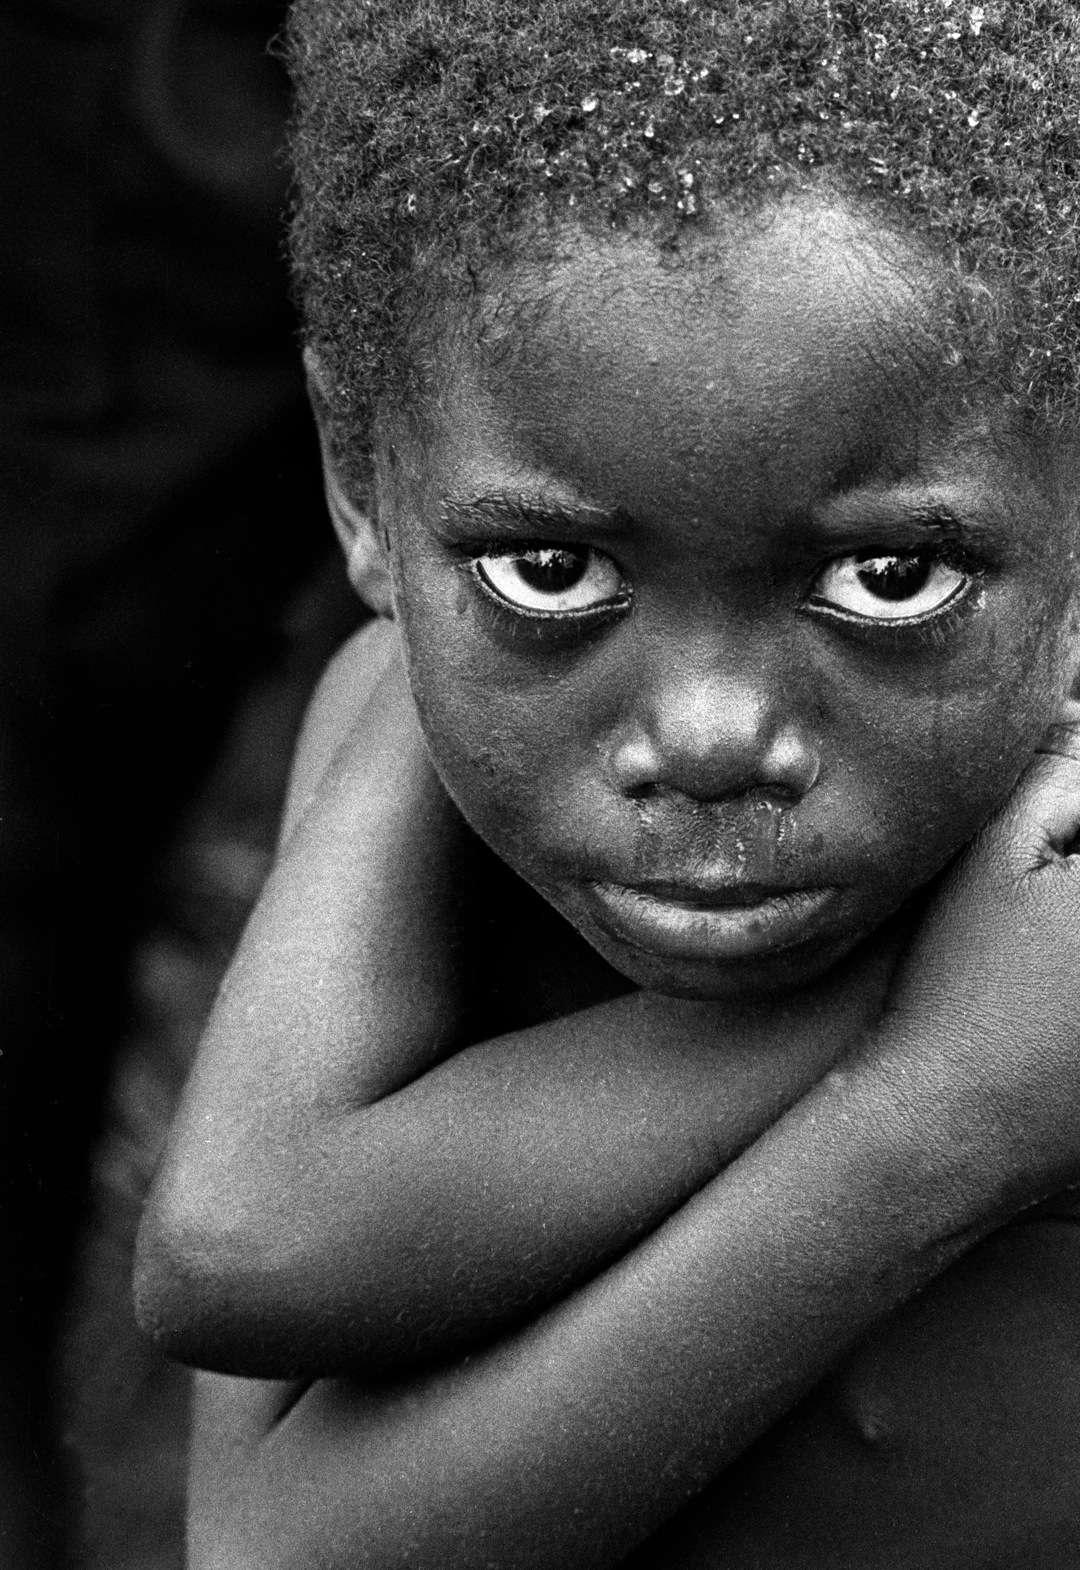 Le paludisme est une maladie qui affecte très majoritairement l'Afrique subsaharienne. Les enfants sont d'ailleurs les principales victimes, lorsqu'ils ne peuvent pas bénéficier de soins. © Daveblume, Fotopédia, cc by nc nd 2.0